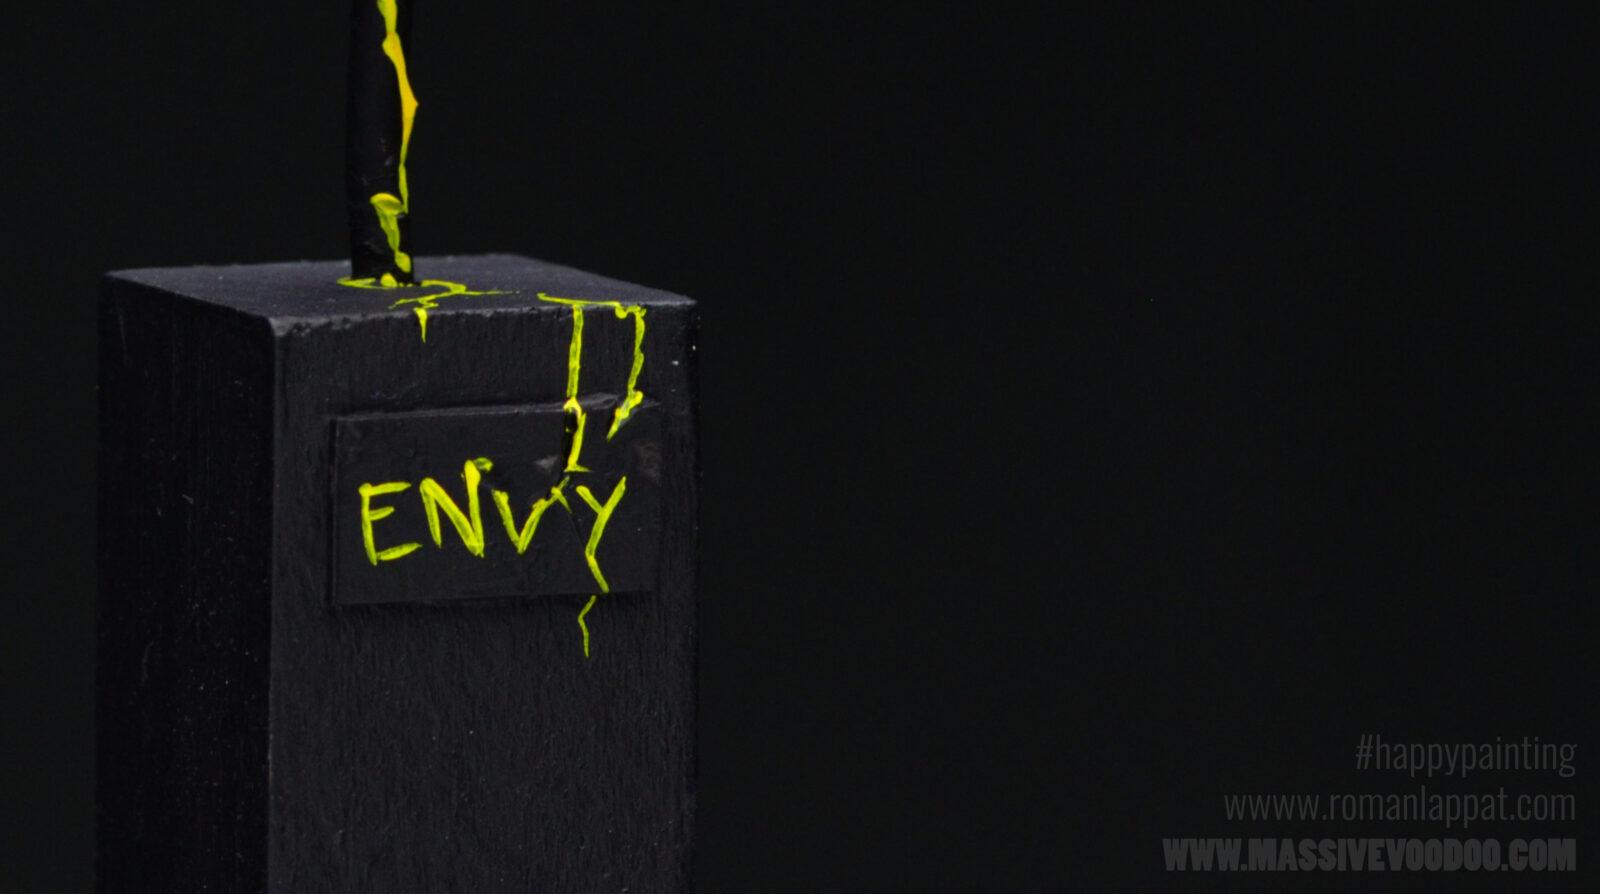 Envy20